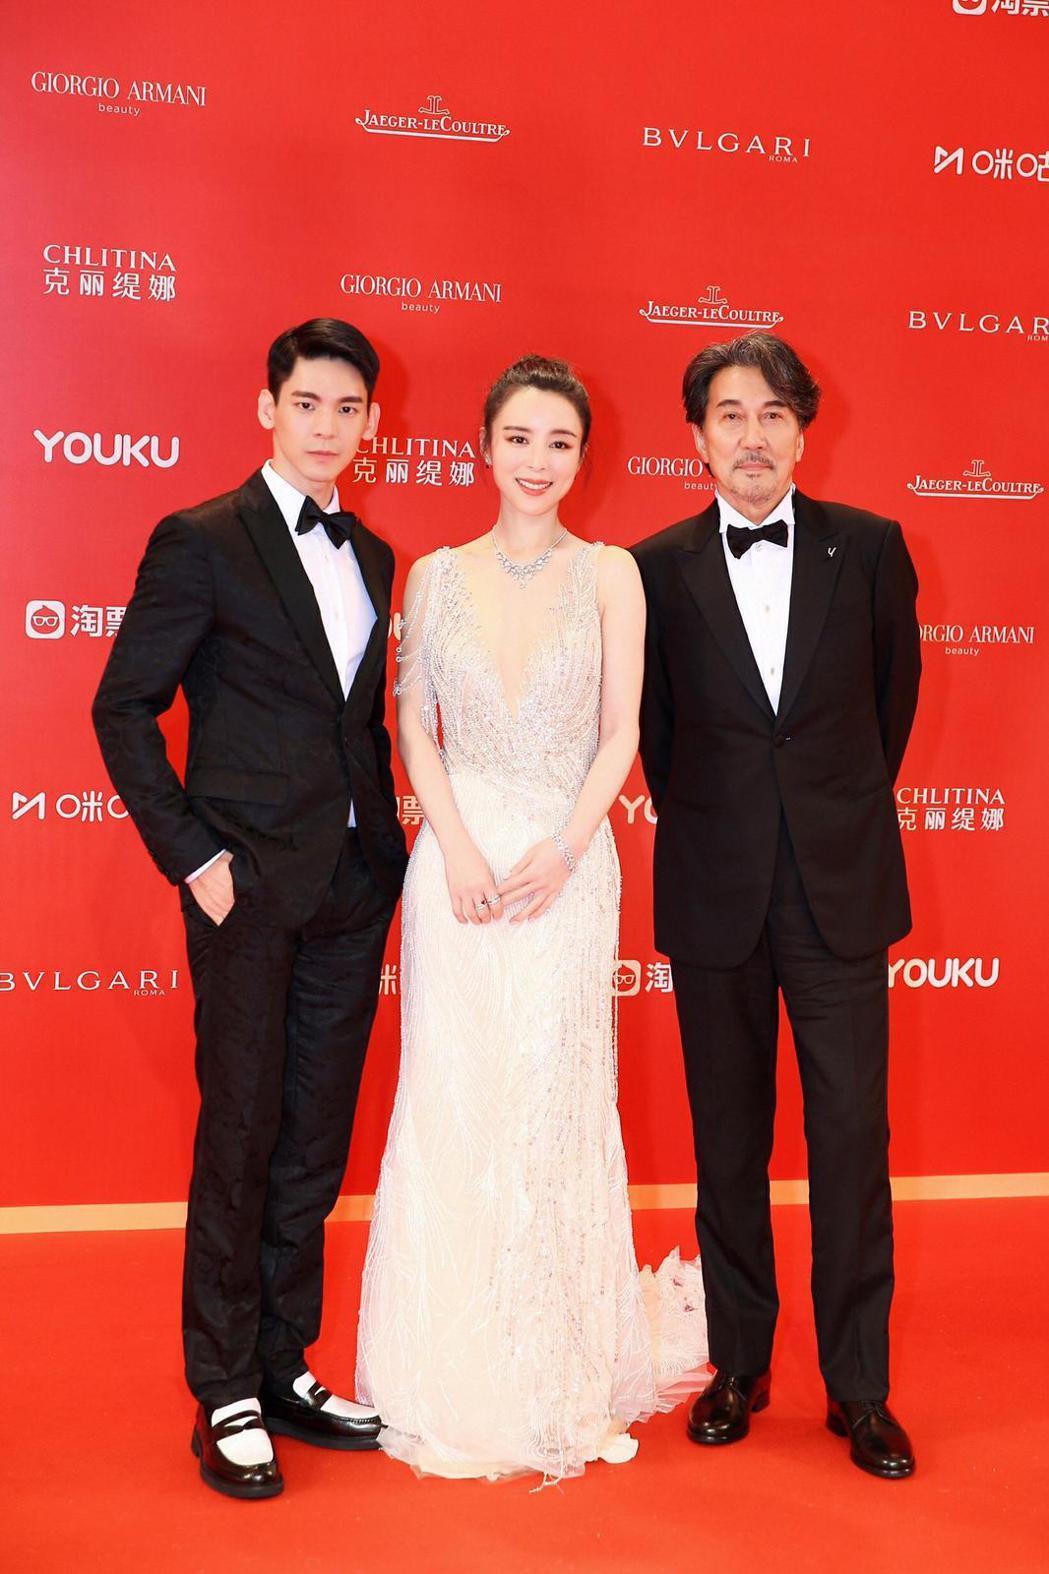 左起林柏宏、張靜初、役所廣司參加電影「冰峰暴」發佈會。圖/周子娛樂提供